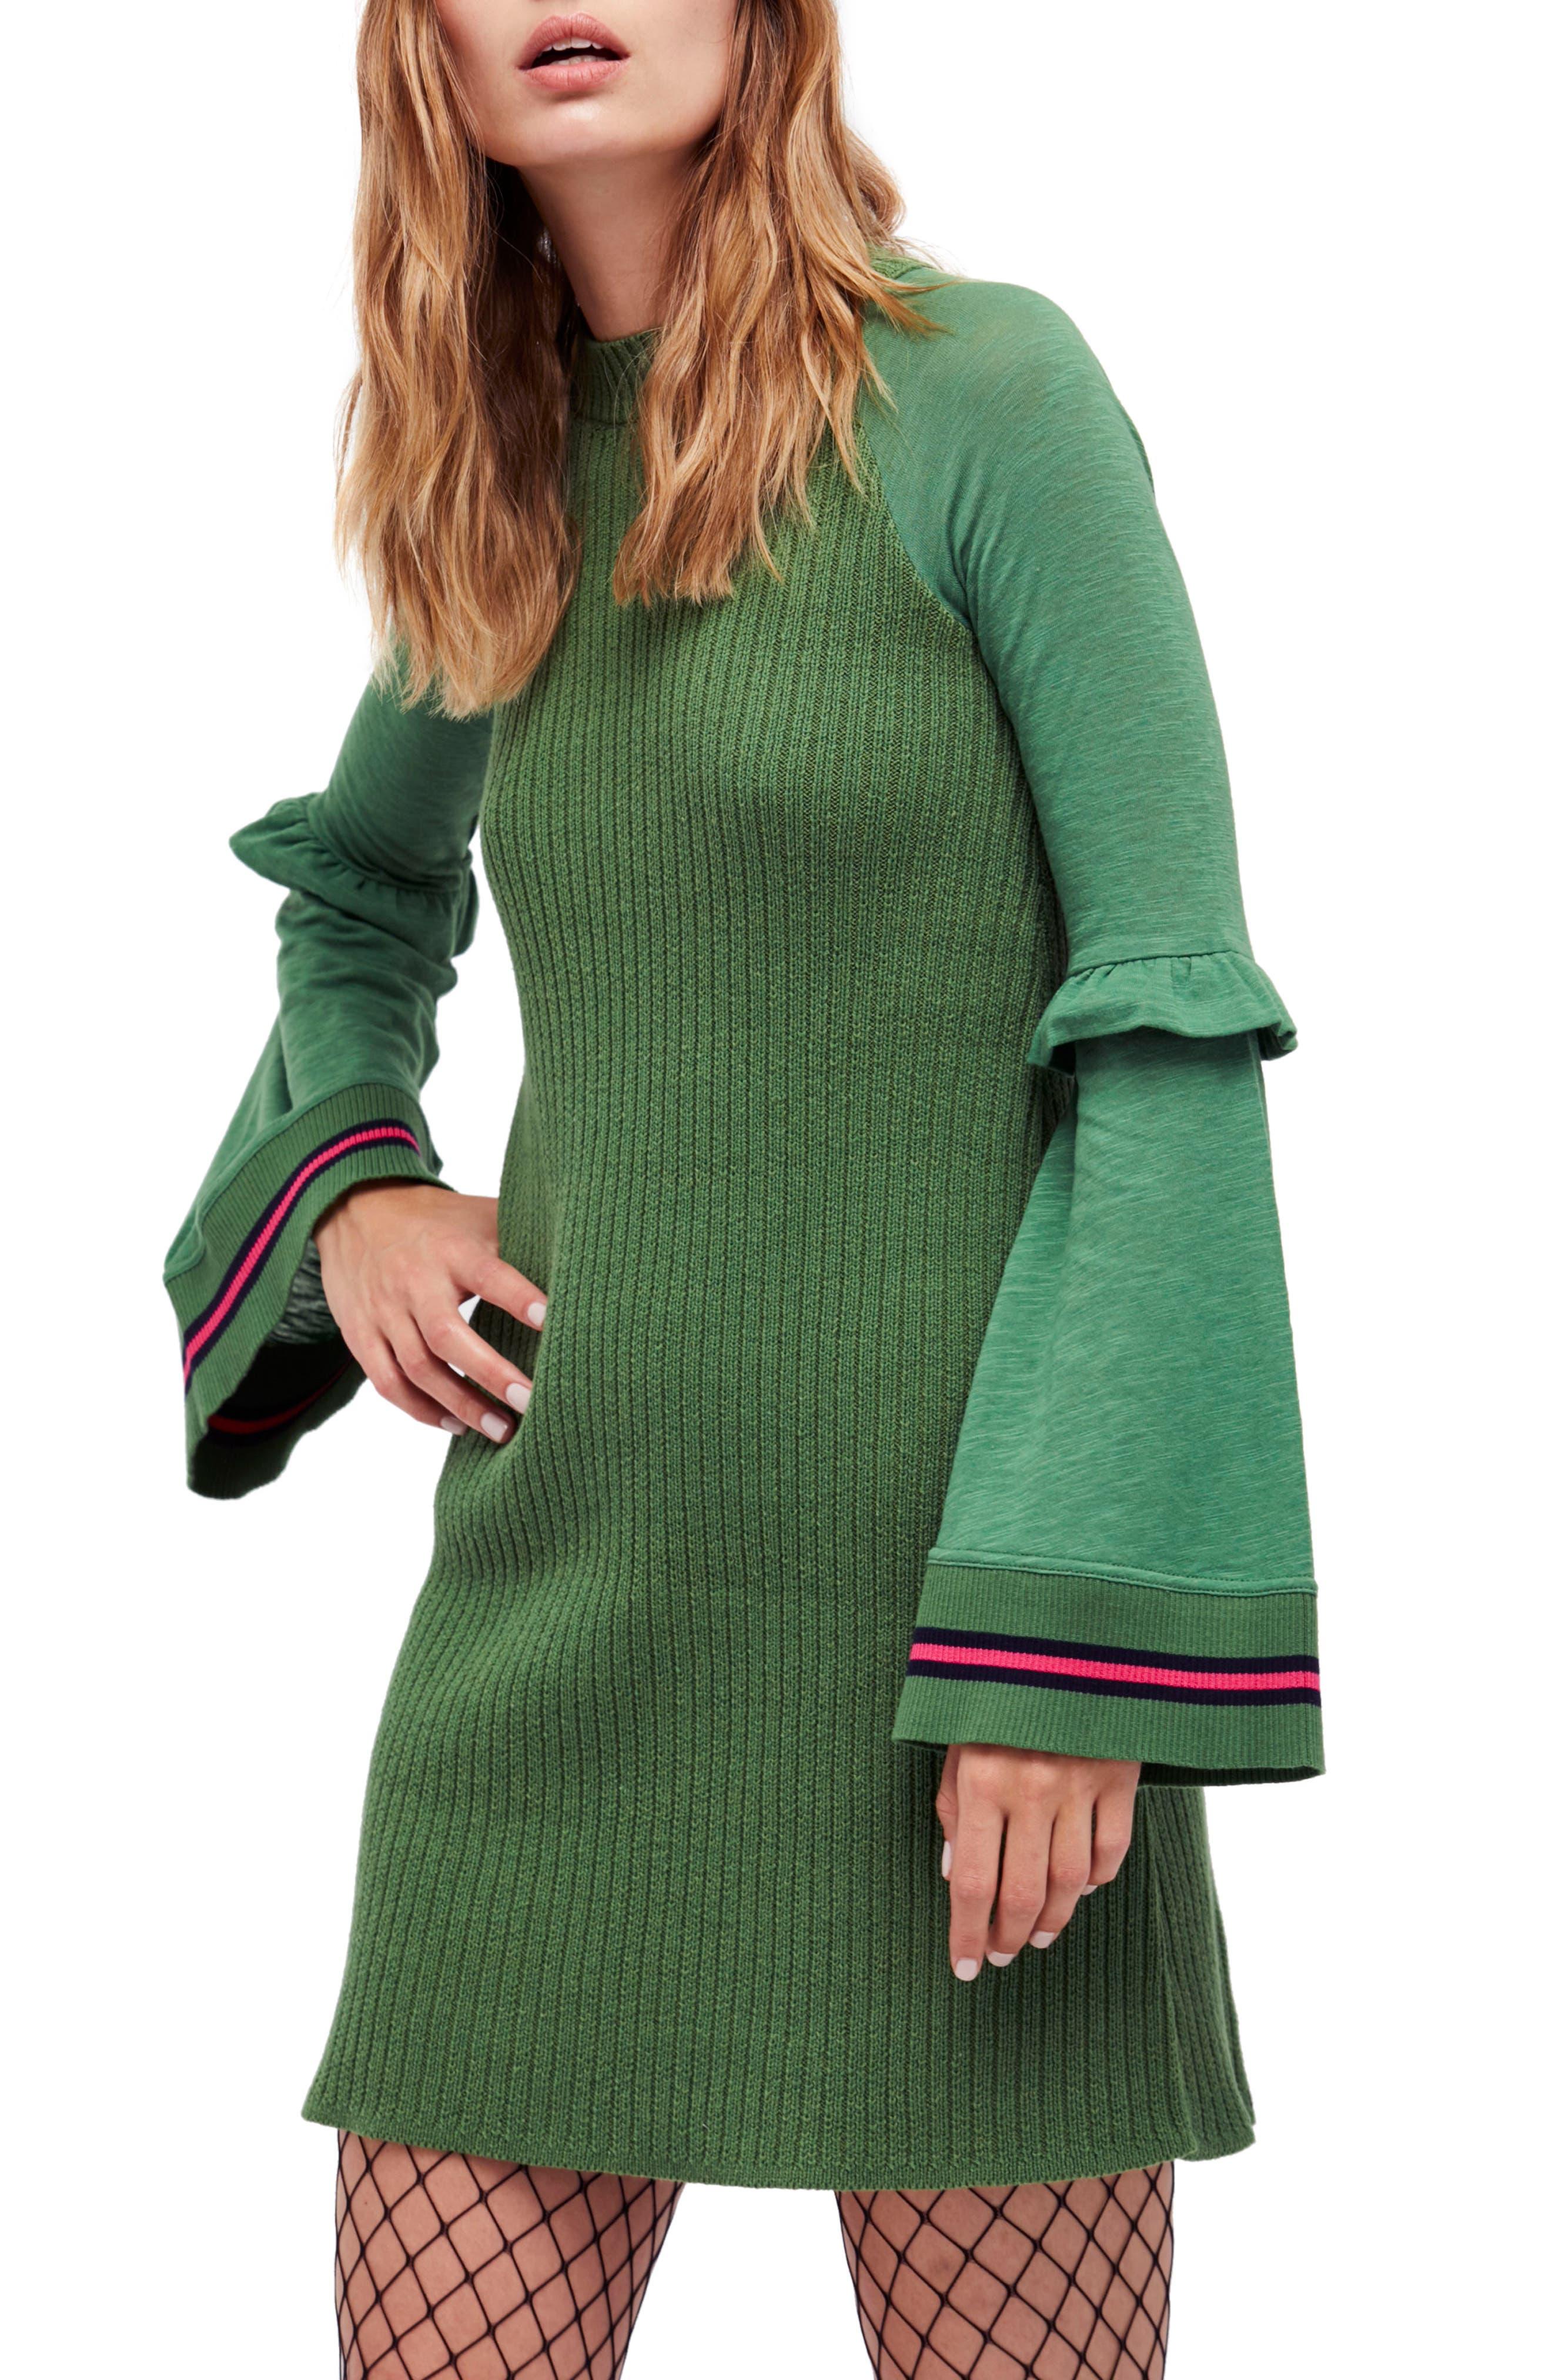 Free People Zou Bisou Knit Minidress